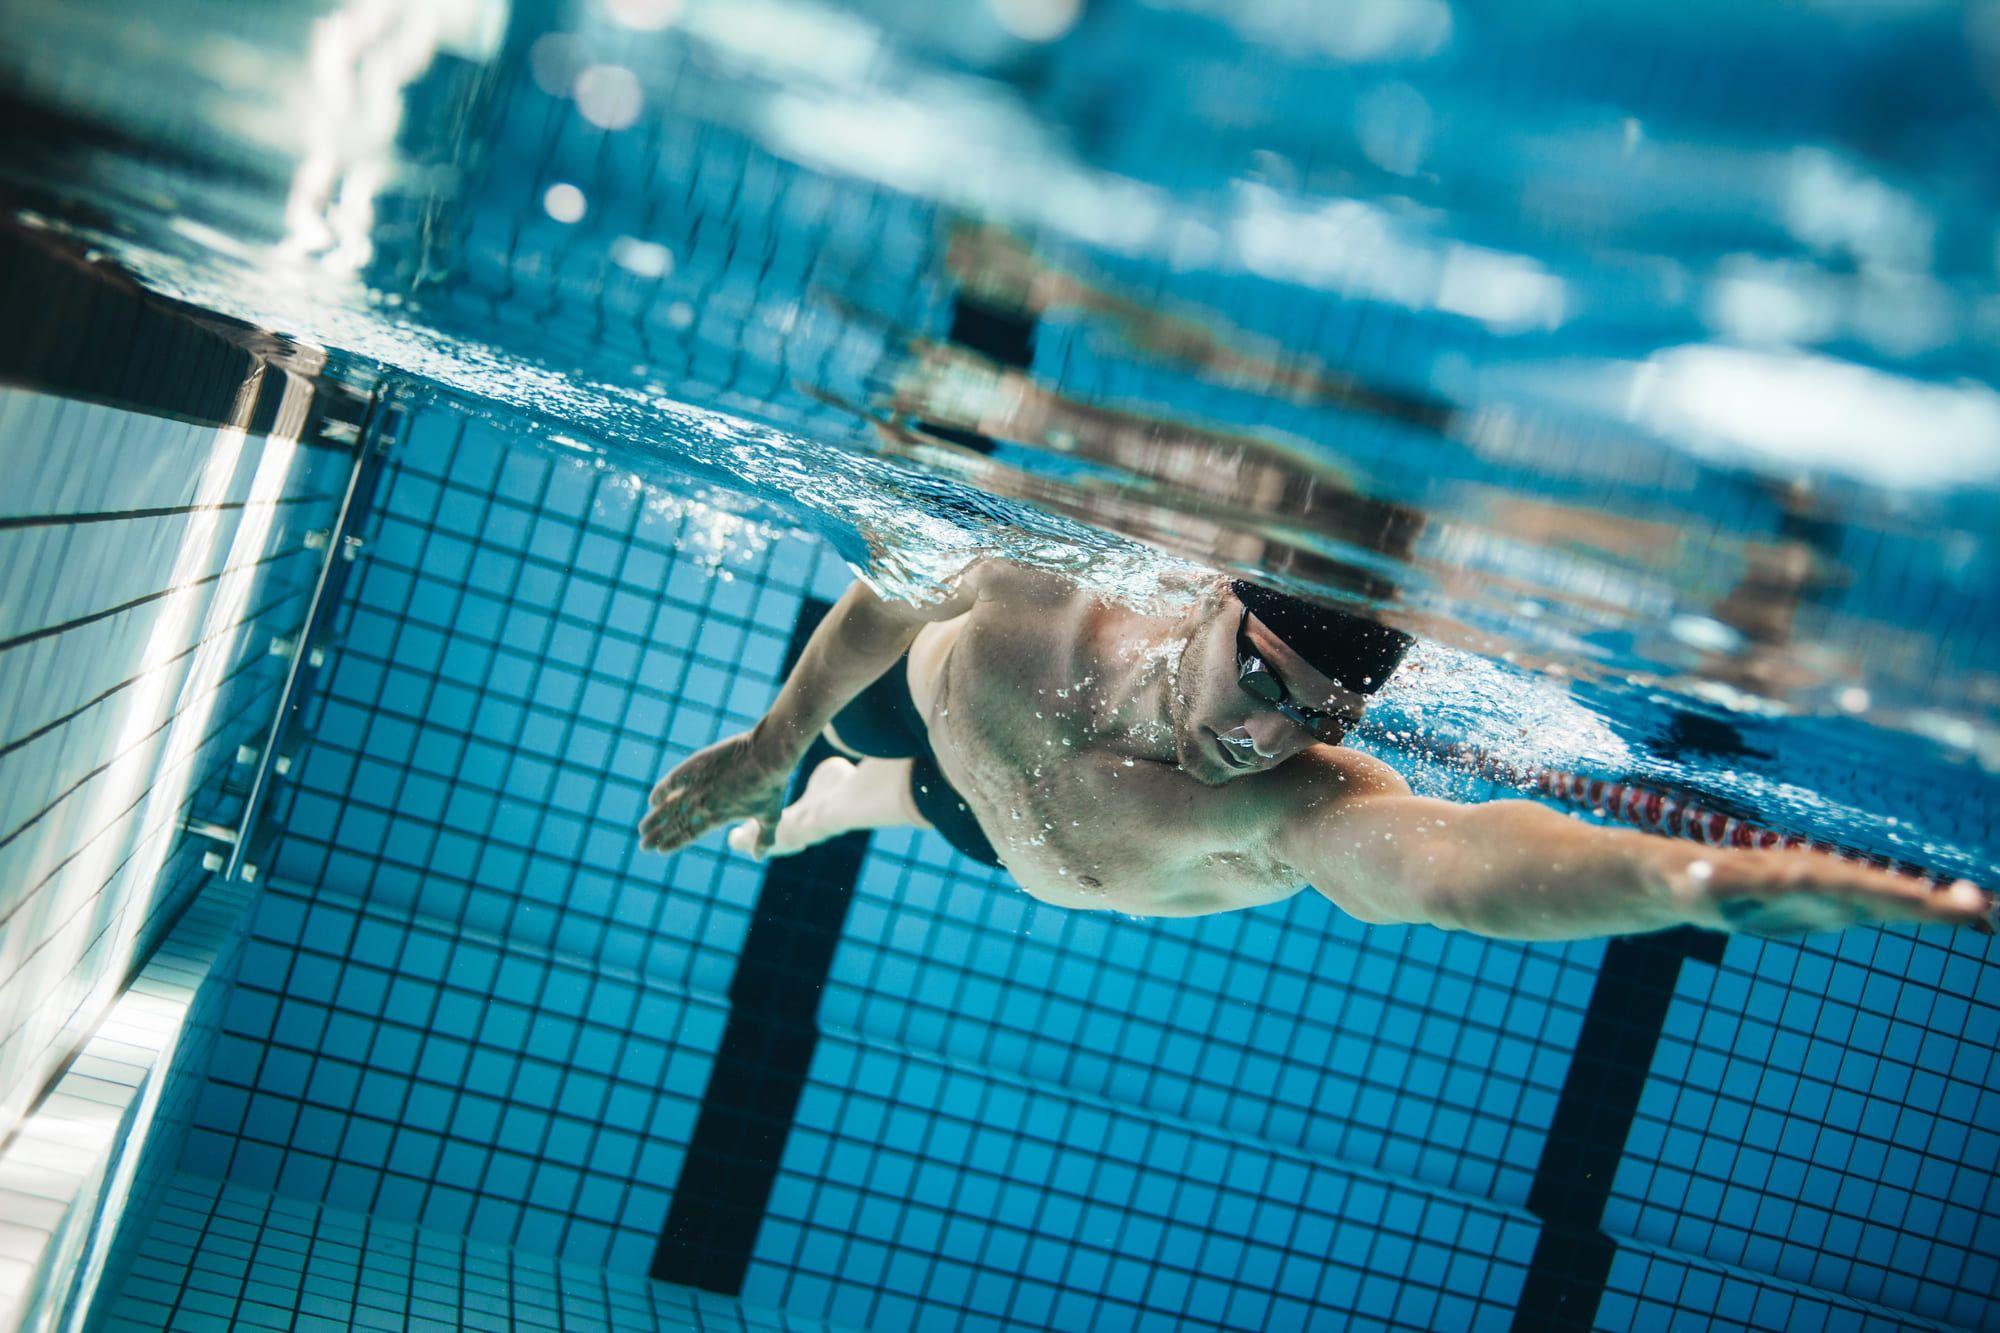 Медсправка о допуске к посещению бассейна не нужна